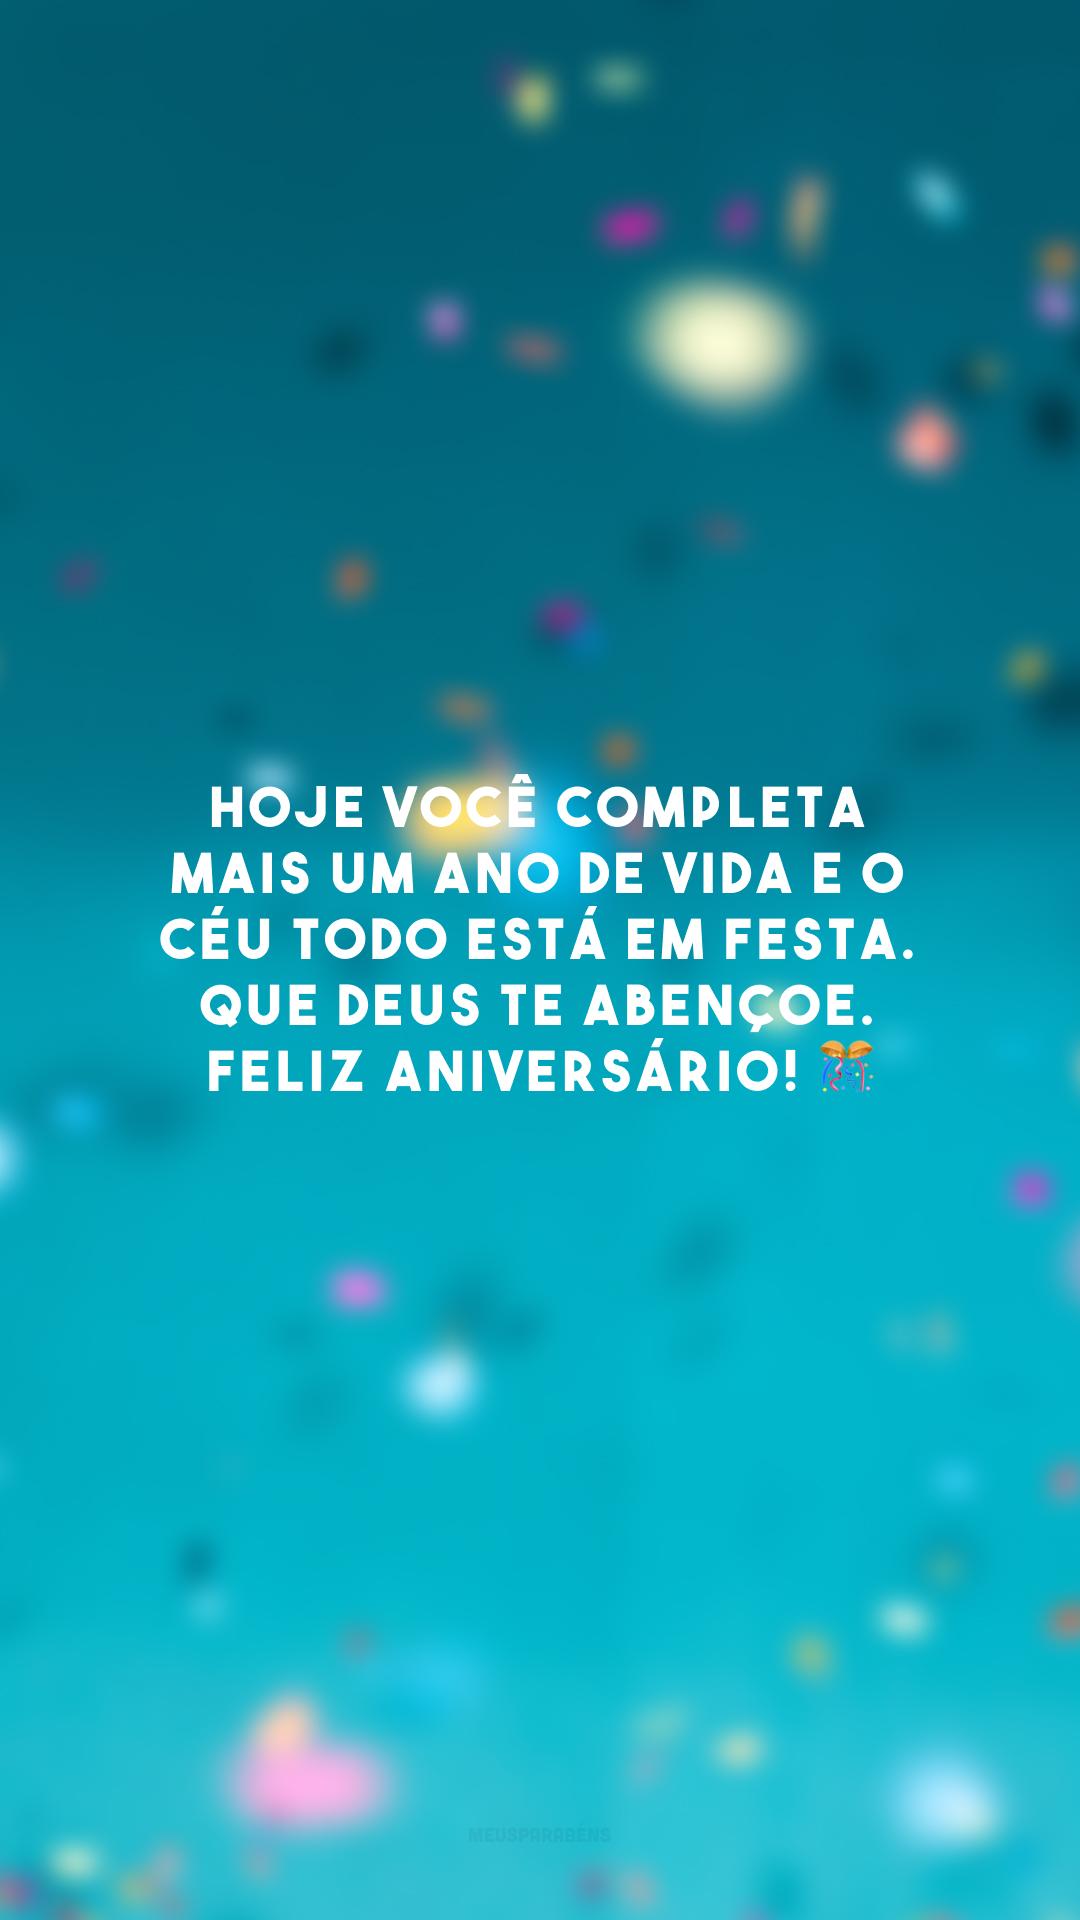 Hoje você completa mais um ano de vida e o céu todo está em festa. Que Deus te abençoe. Feliz aniversário! 🎊